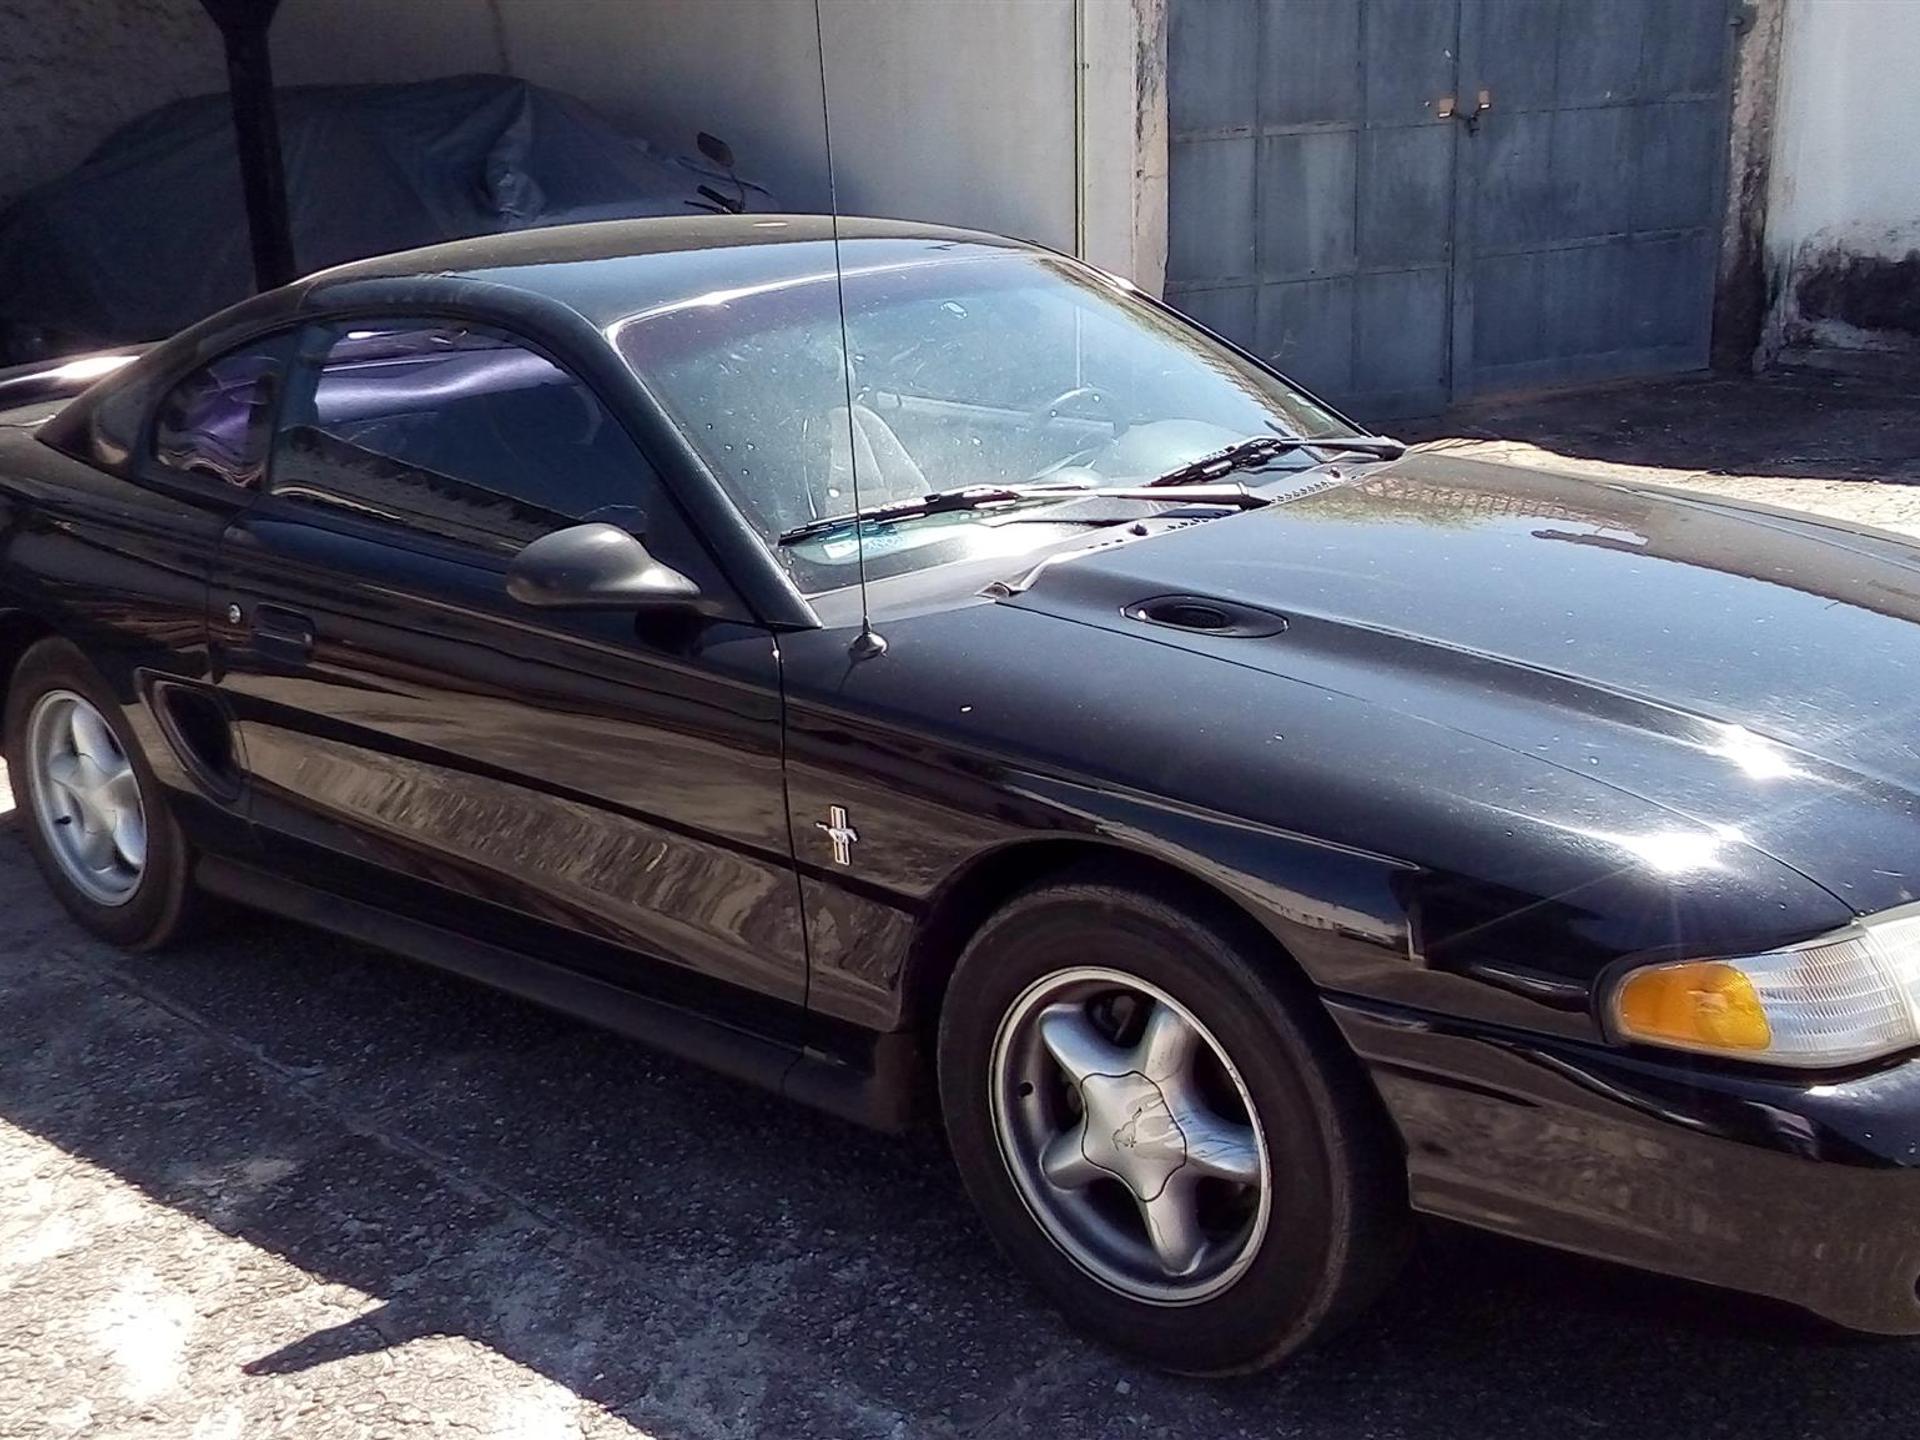 Ford Mustang 3.8 V6 Gasolina 2p Automatico Wmimagem02501115166